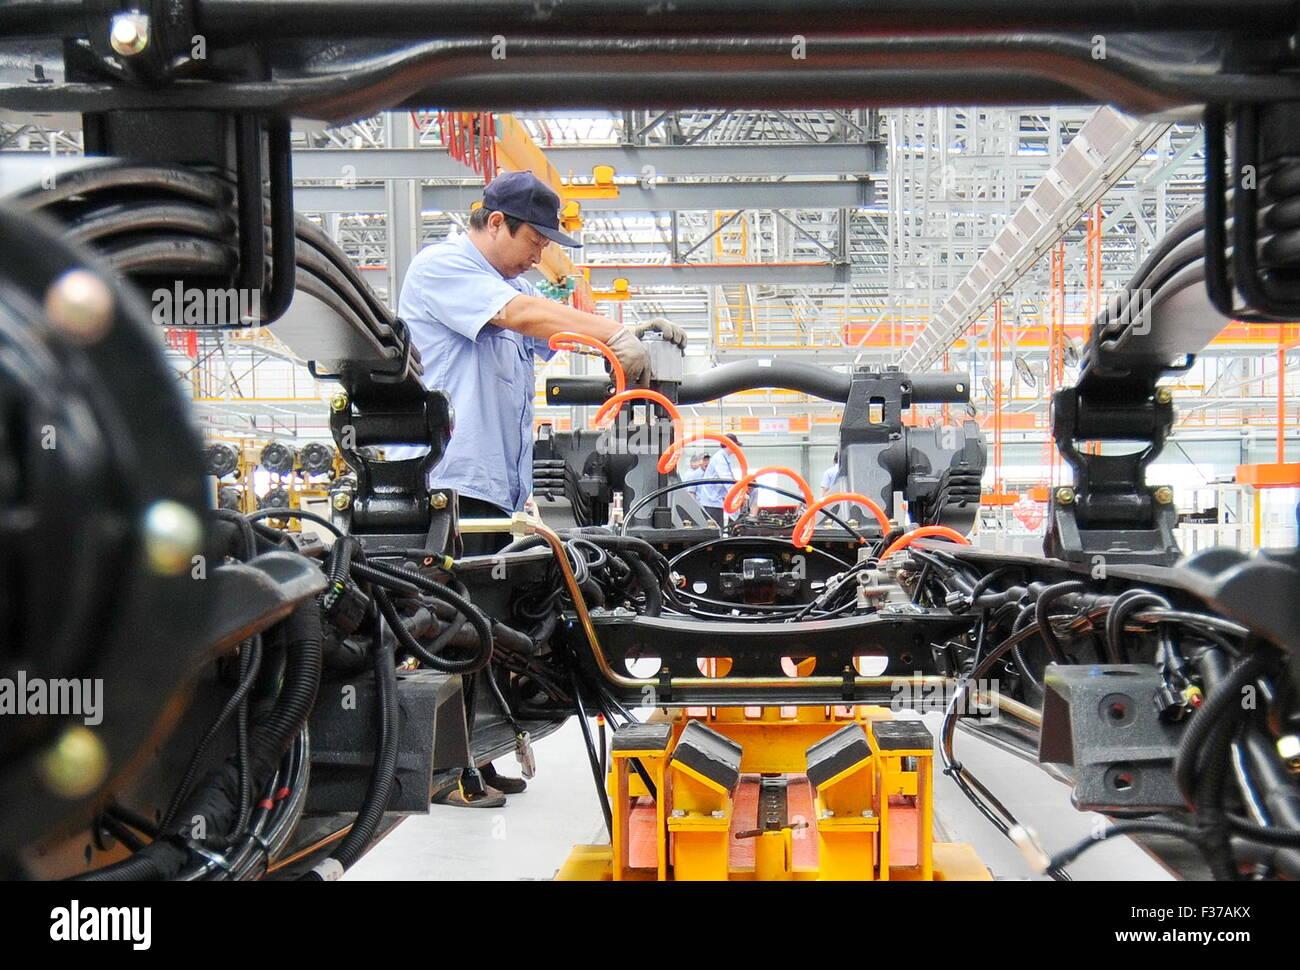 (151001) -- XINGTAI, 1 ottobre, 2015 (Xinhua) -- lavoratori installare un autocarro pesante ad una base di produzione Immagini Stock